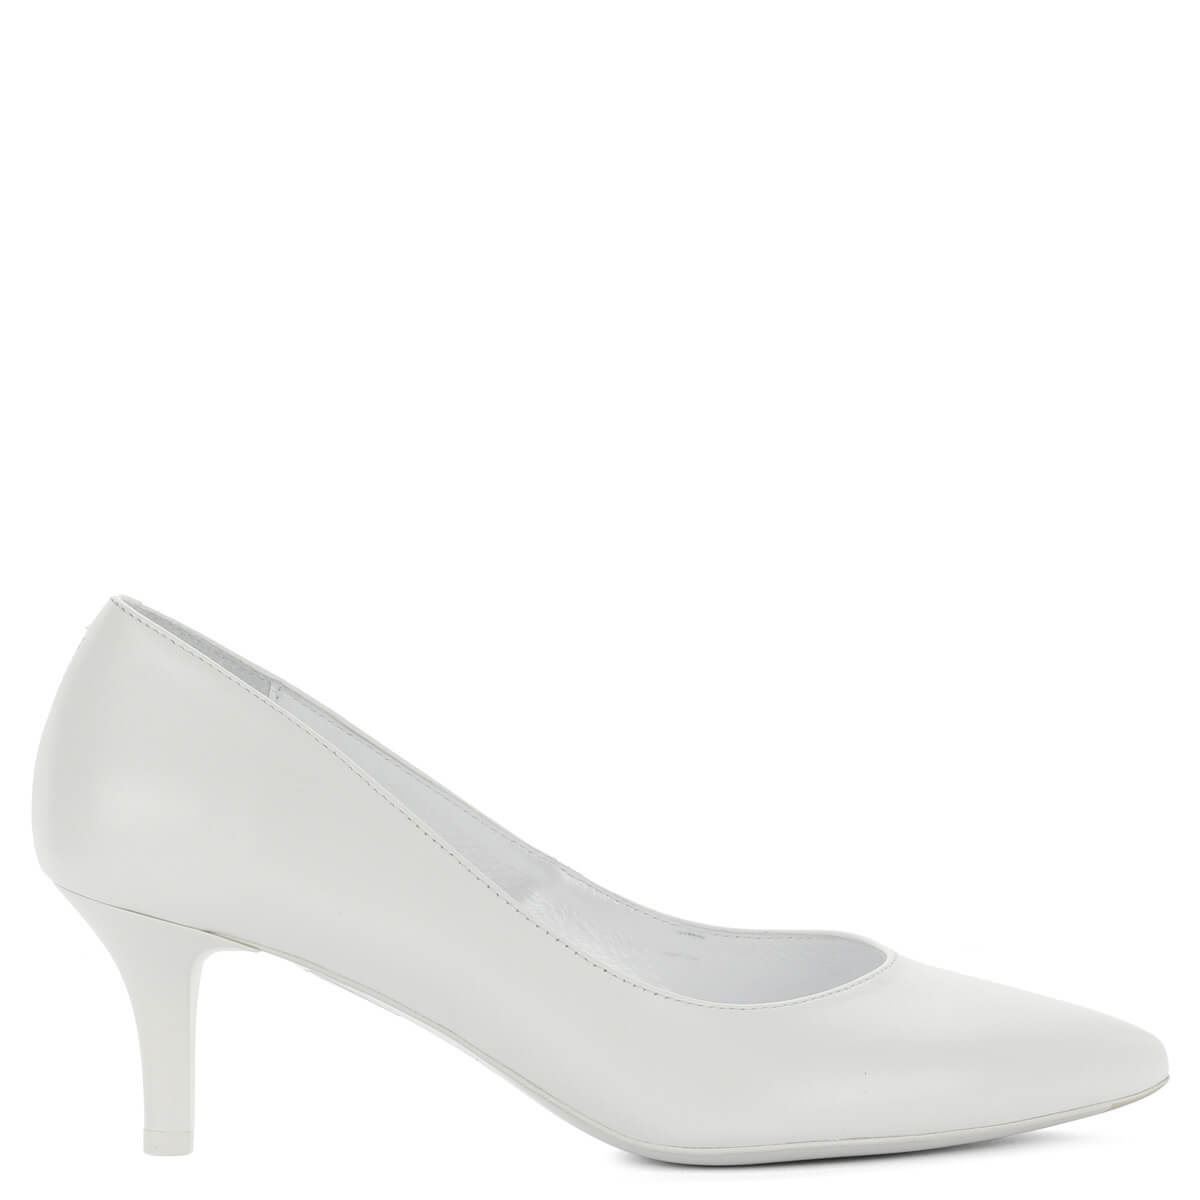 Fehér Kotyl cipő közepes sarokkal. Elegáns körömcipő 6 cm magas sarokkal. Akár  menyasszonyi cipőnek ... ede96924bf